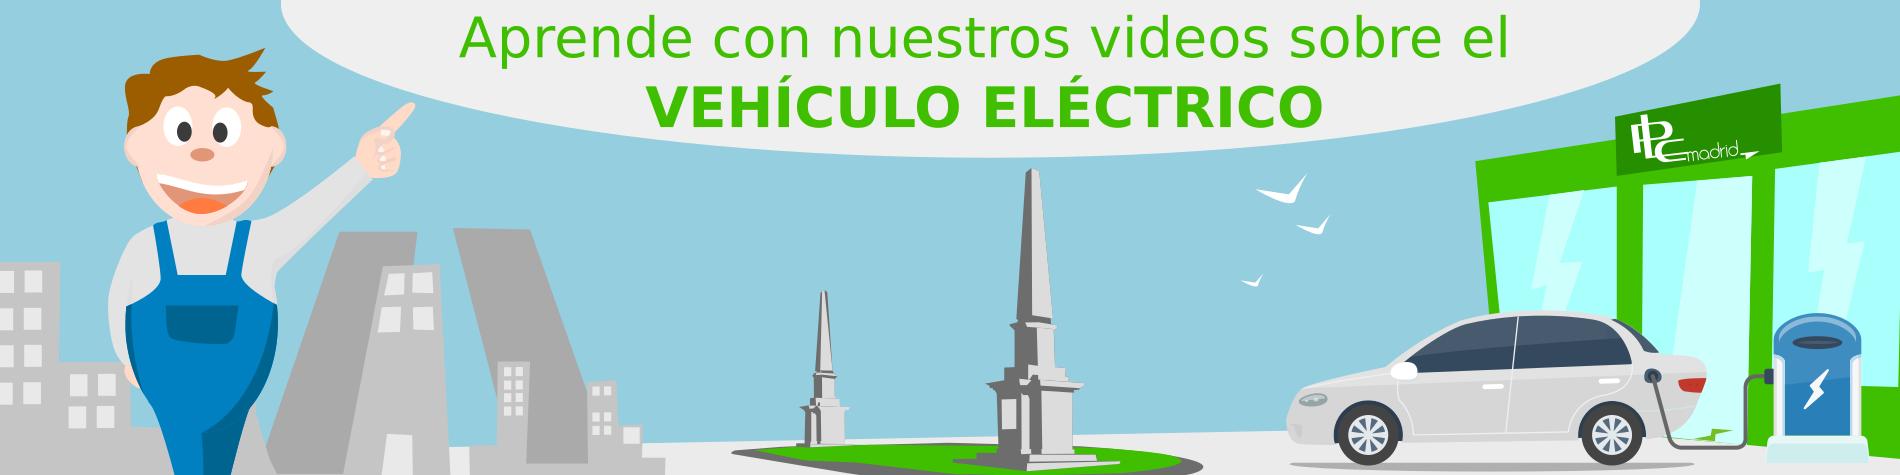 Videos ITC-BT-52 : Infraestructura para la recarga de vehículos eléctricos (IRVE)